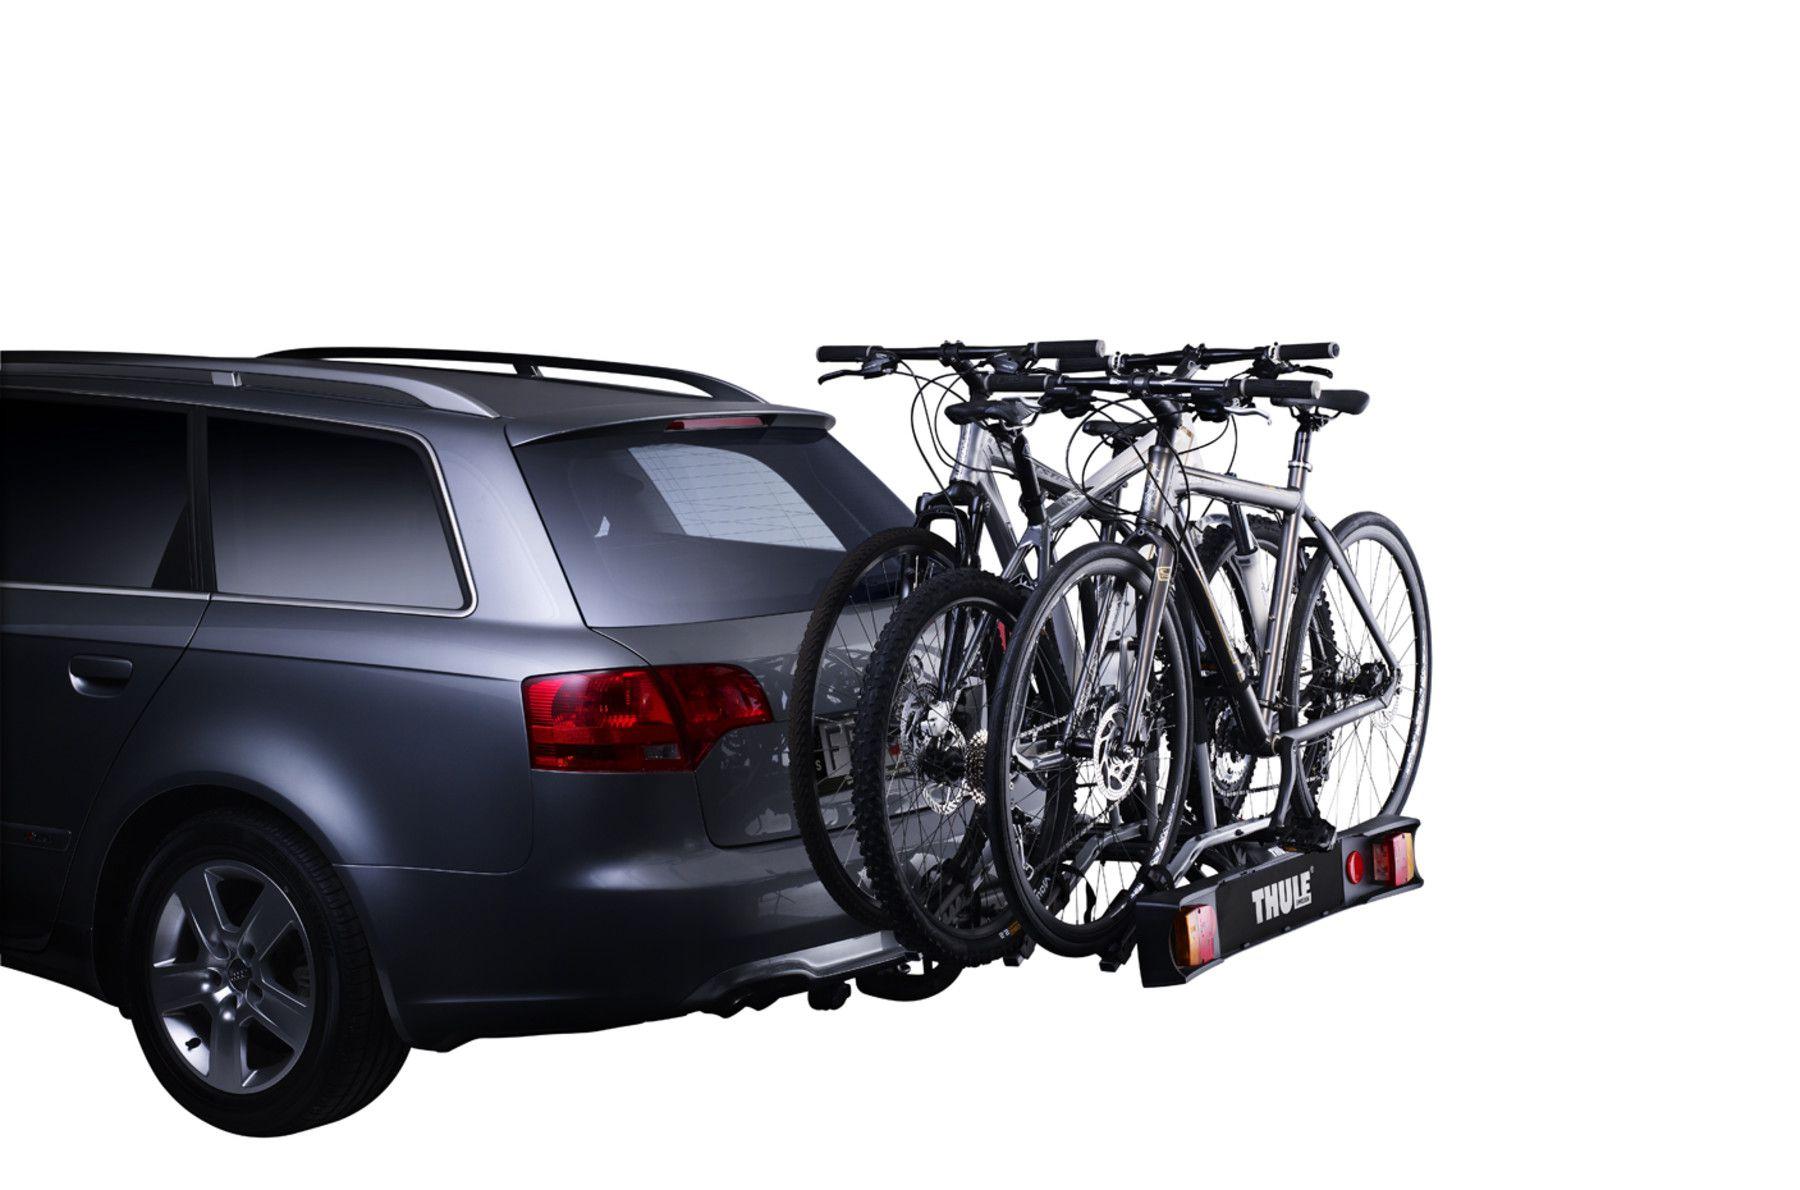 Suporte de Engate para Bicicleta Thule RideOn 3 Bicicletas